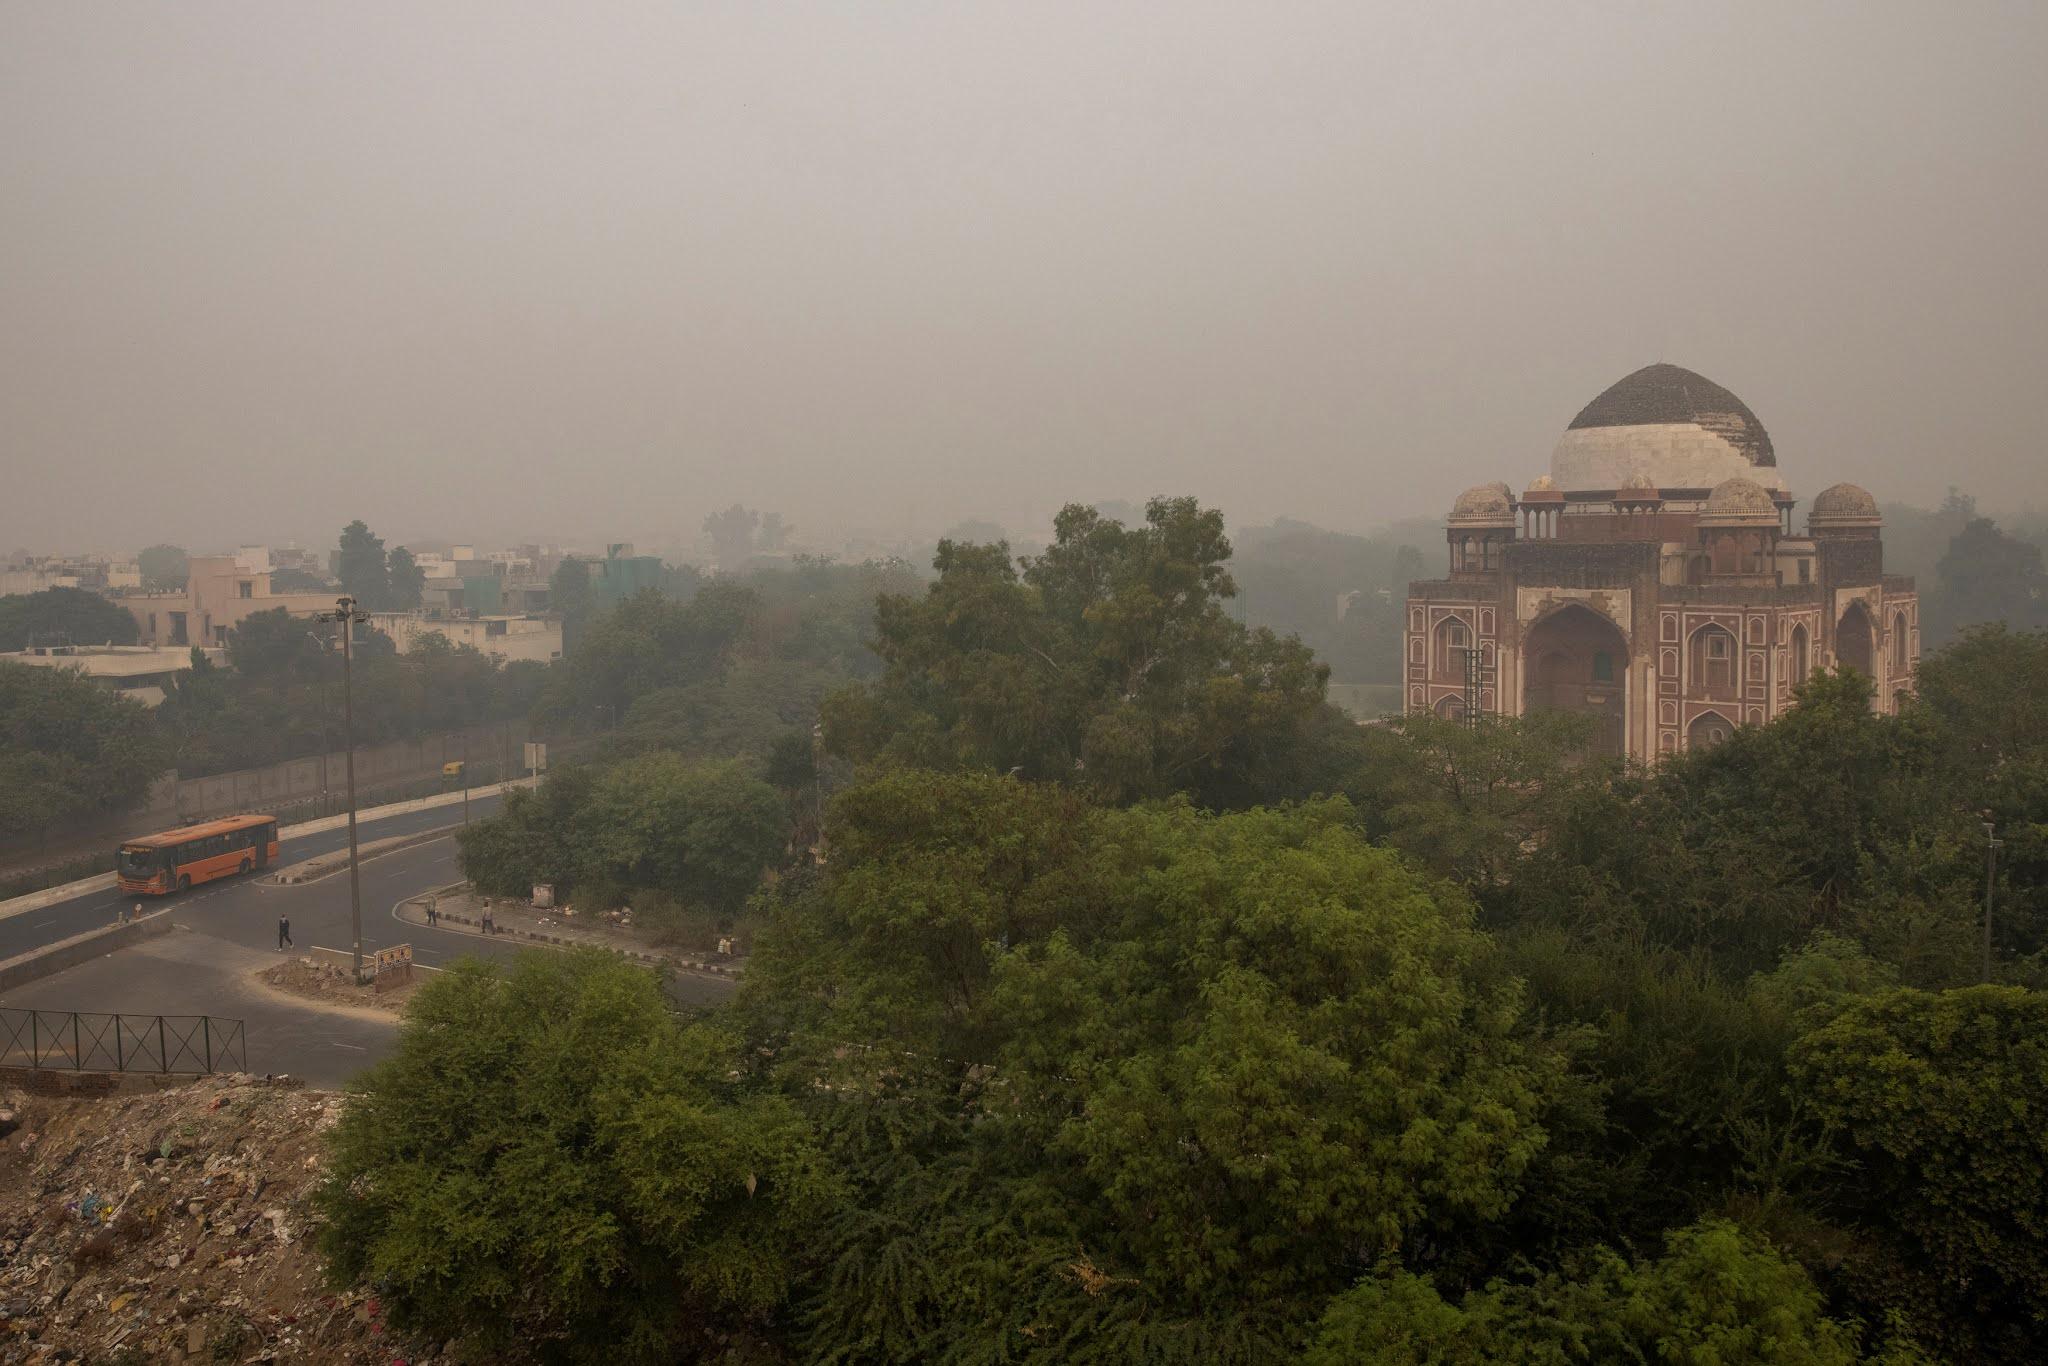 Polusi Udara Memburuk, Harapan Hidup Warga India Hanya 40%